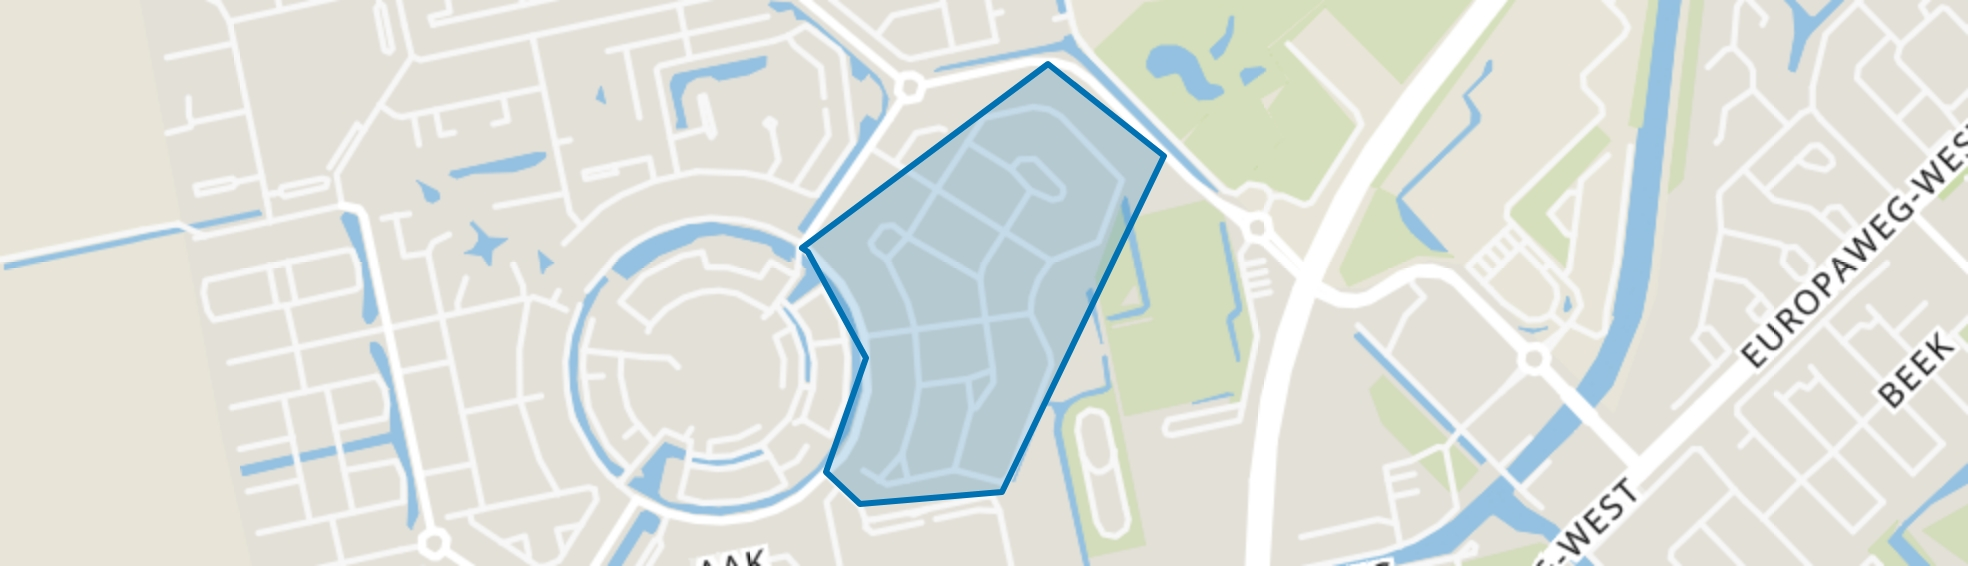 Kloosterlanen, Assen map